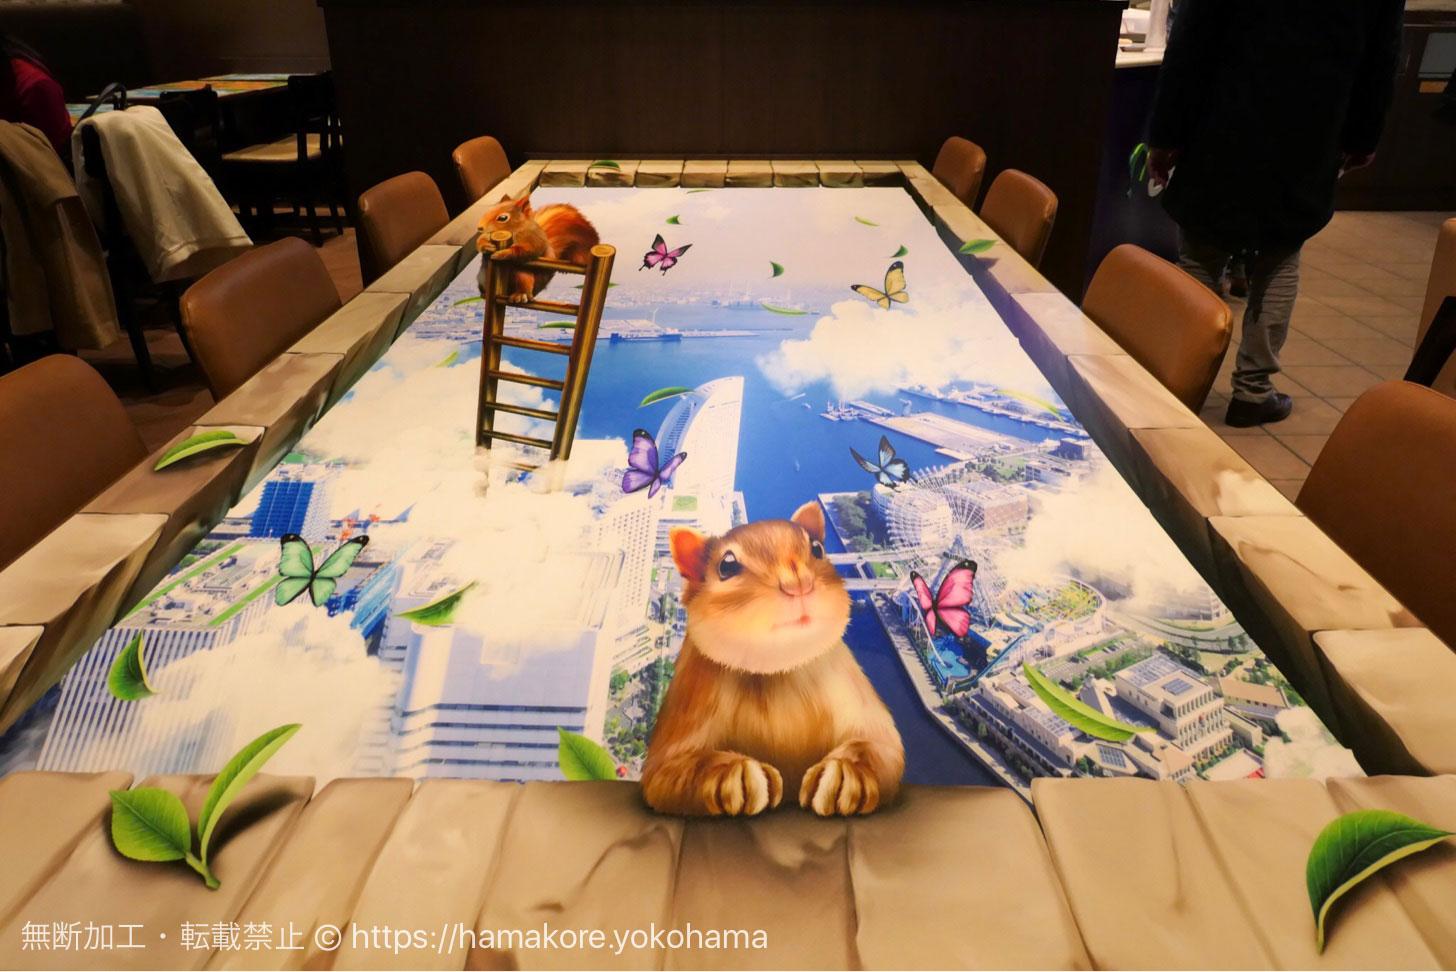 チャタイム MARK IS みなとみらい店 3Dアートのテーブル